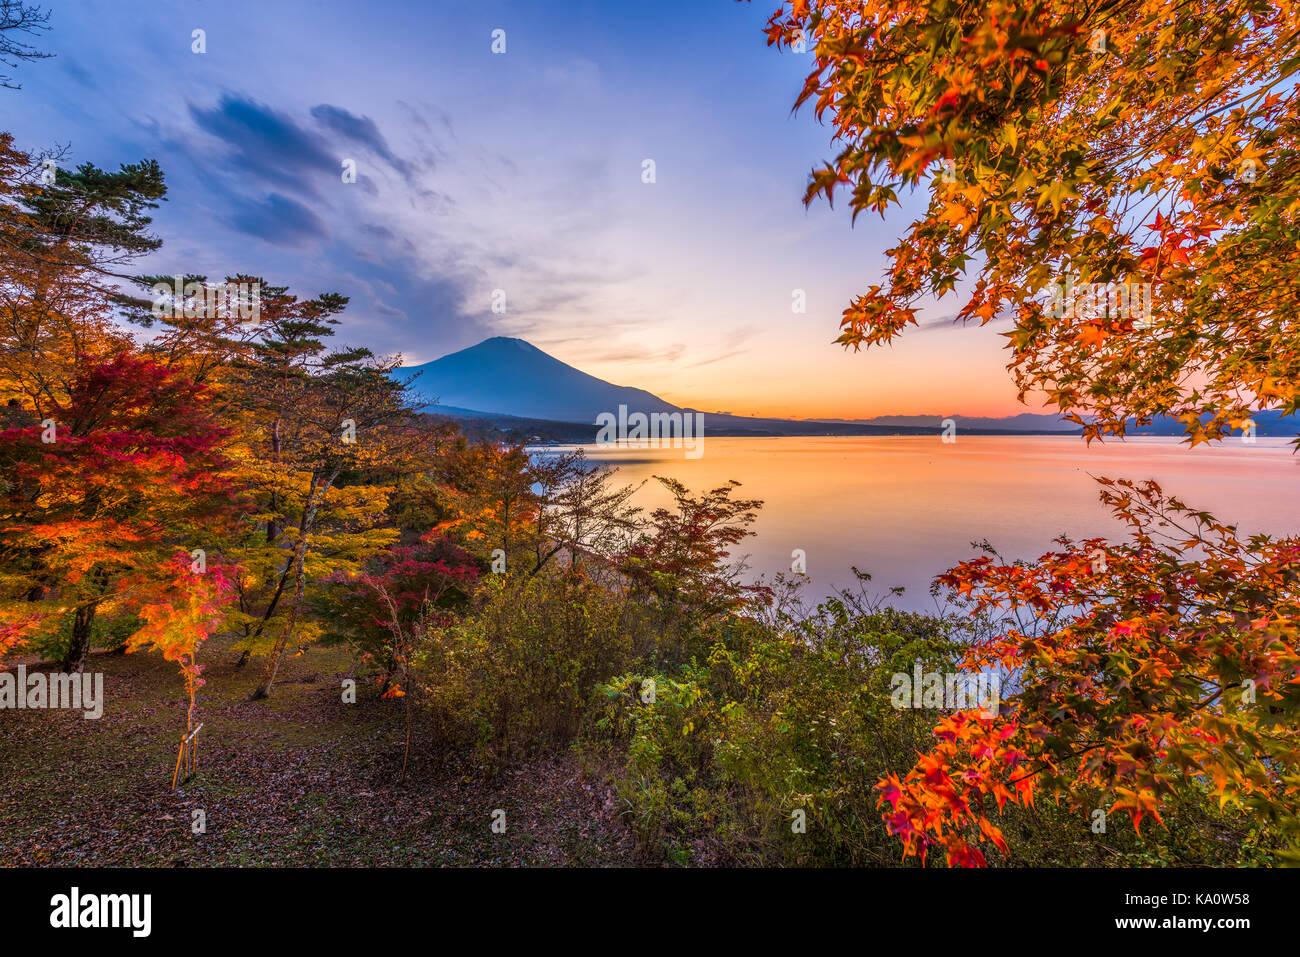 Lac yamanaka, yamanashi, le Japon avec le mt fuji. Au cours de l'automne saison. Photo Stock